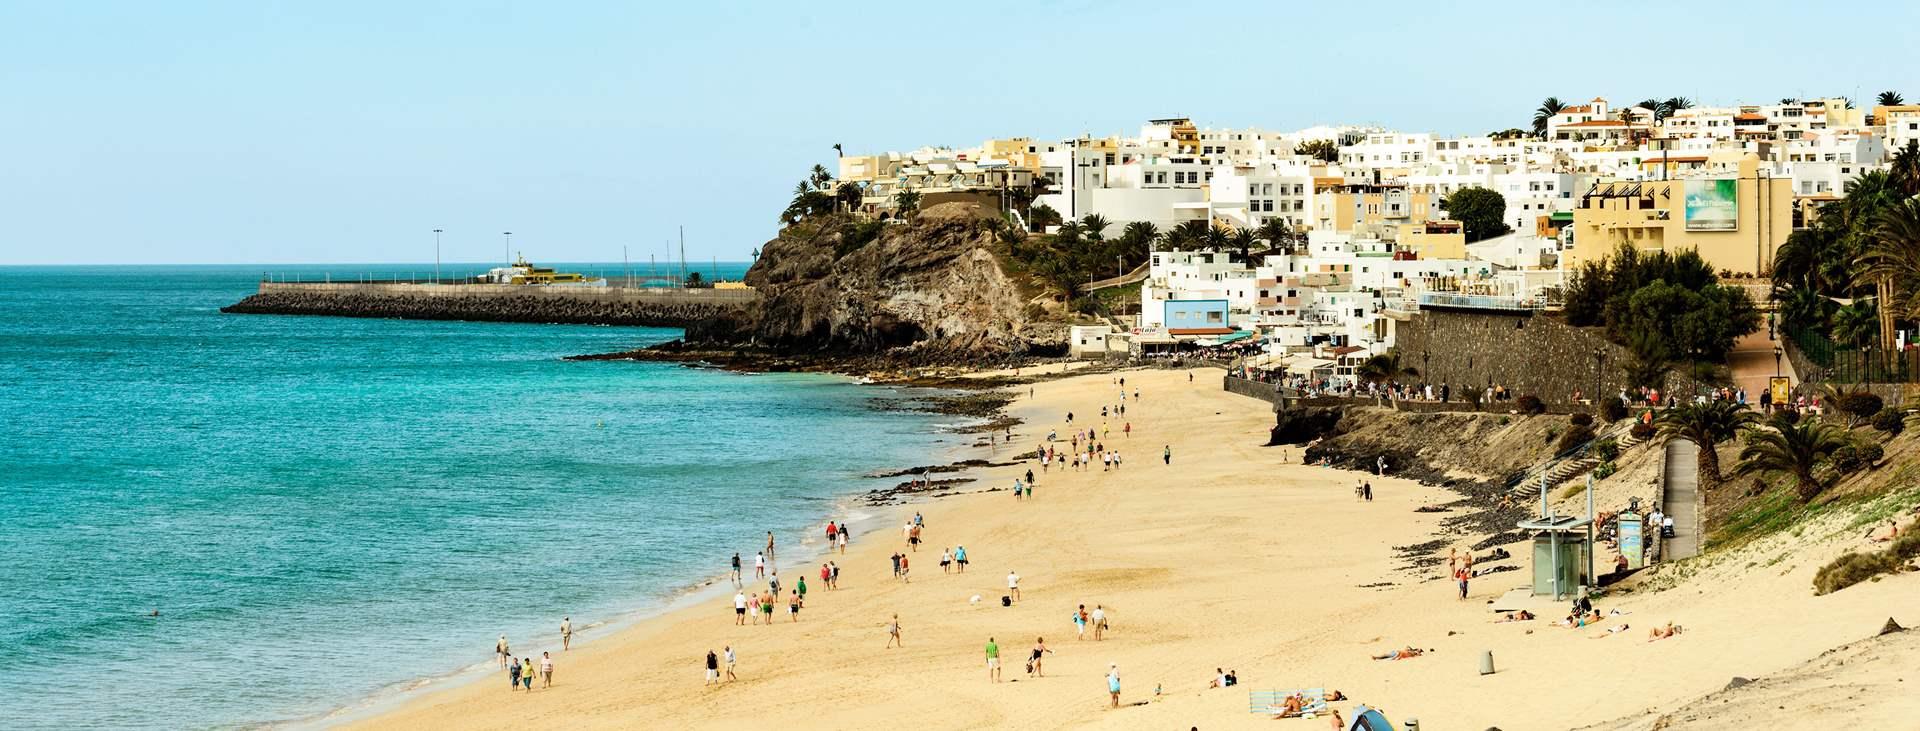 Boka en resa med All Inclusive till Jandia på Fuerteventura